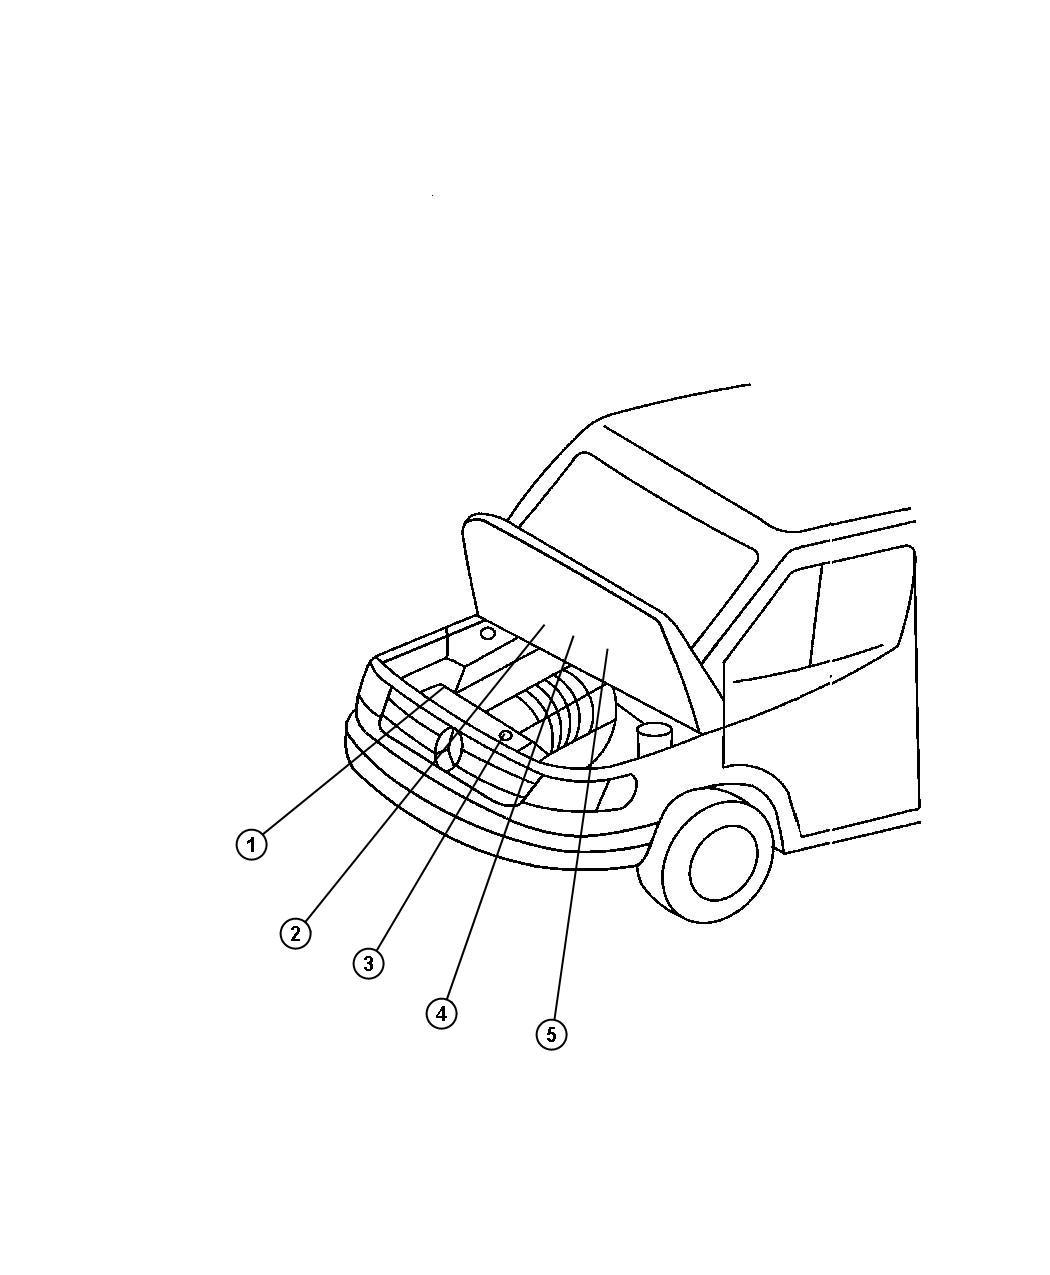 Dodge Sprinter Label Coolant Warning Federal